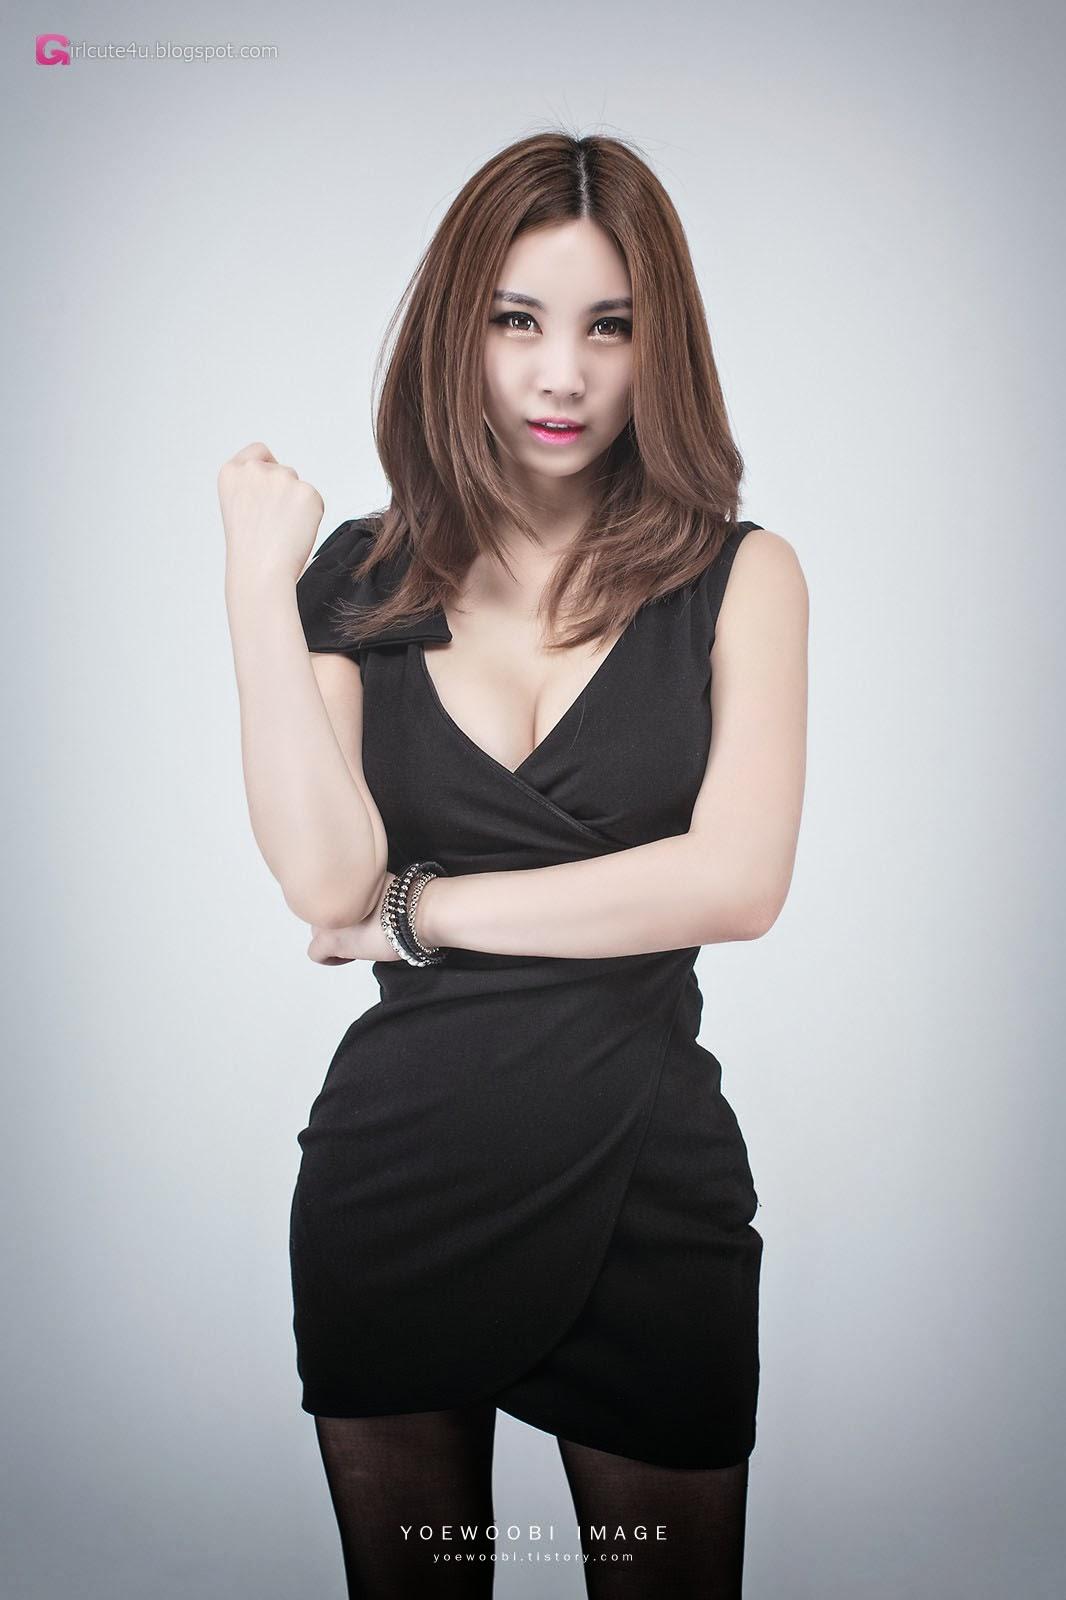 3 Lee Eun Yu - Little Black Dress - very cute asian girl-girlcute4u.blogspot.com